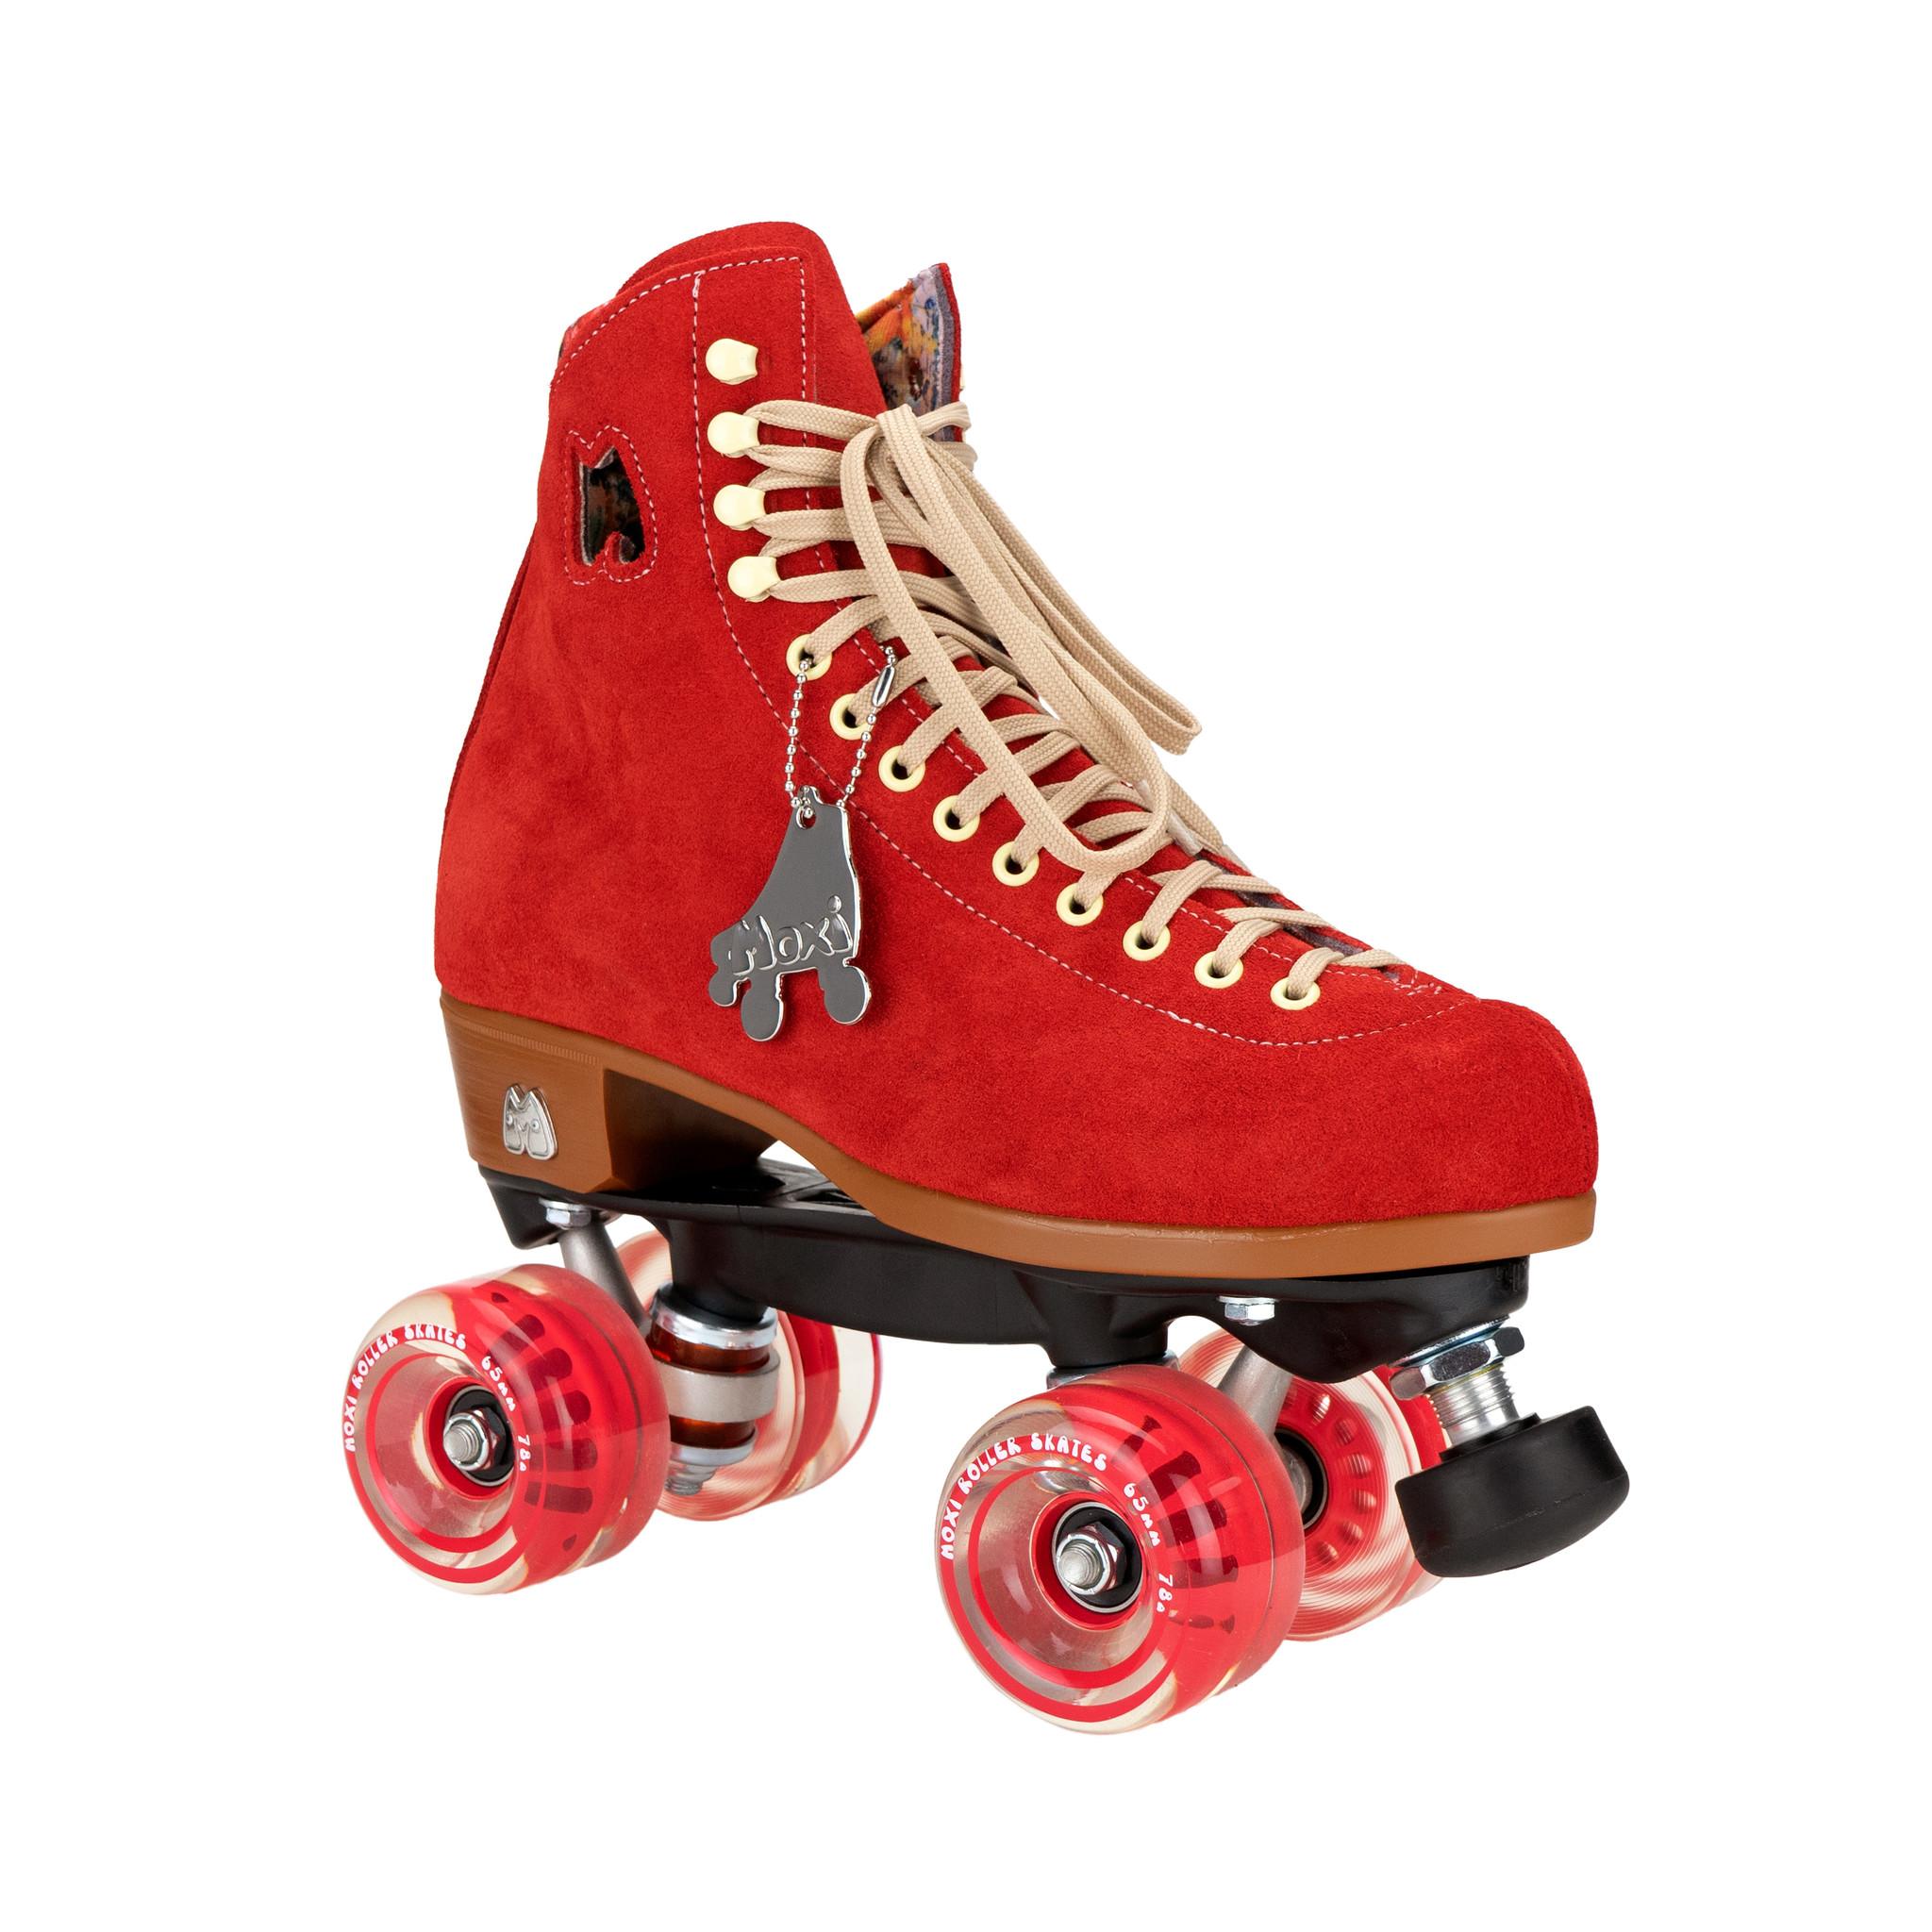 Moxi Lolly Skates Poppy Red